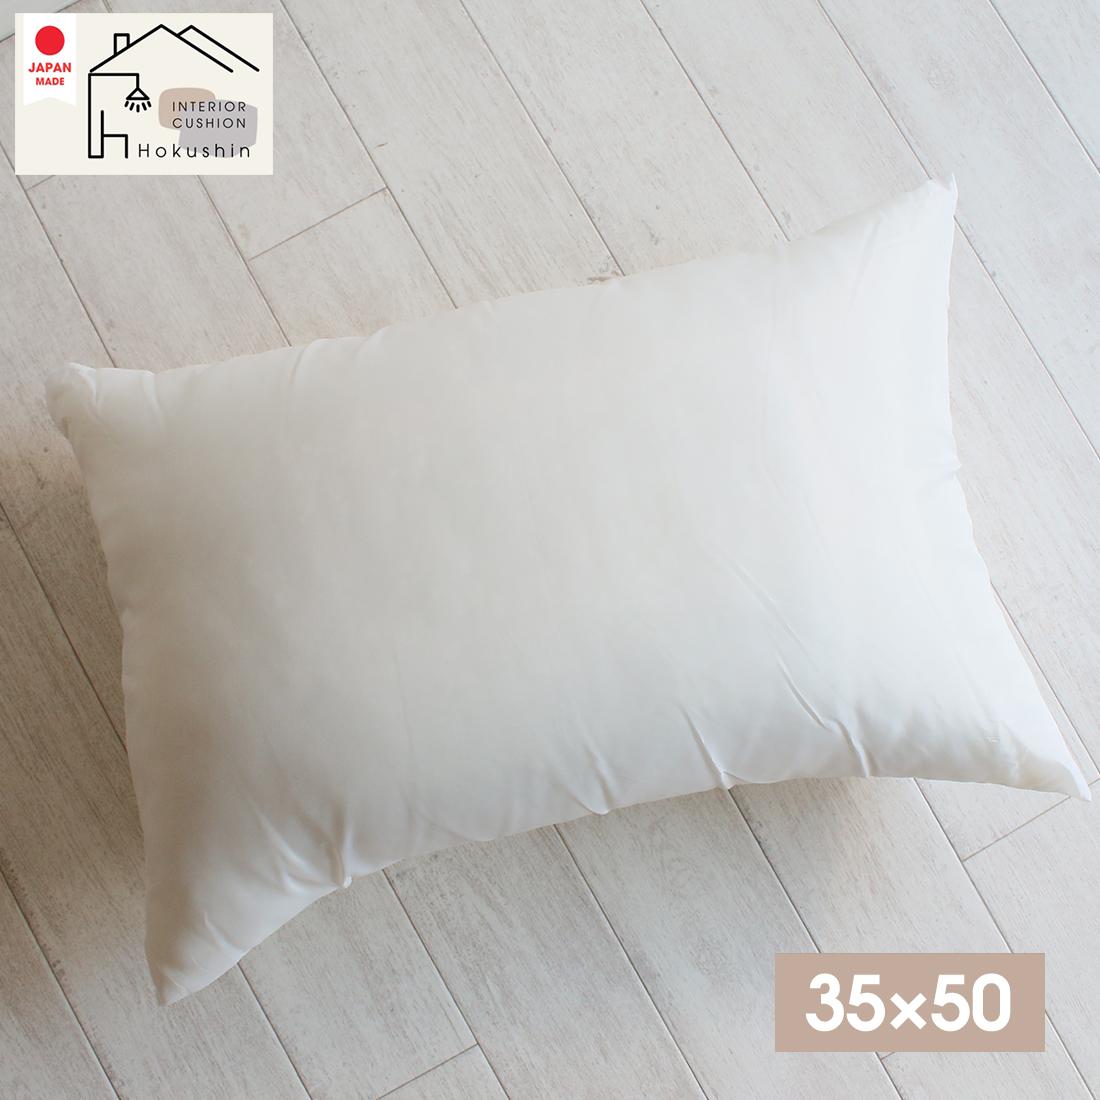 日本限定 8個まで1梱包 洗える ヌード枕 35×50 日本製 佐川またはヤマト便 中身 枕 特価キャンペーン 子供 ふっかふか